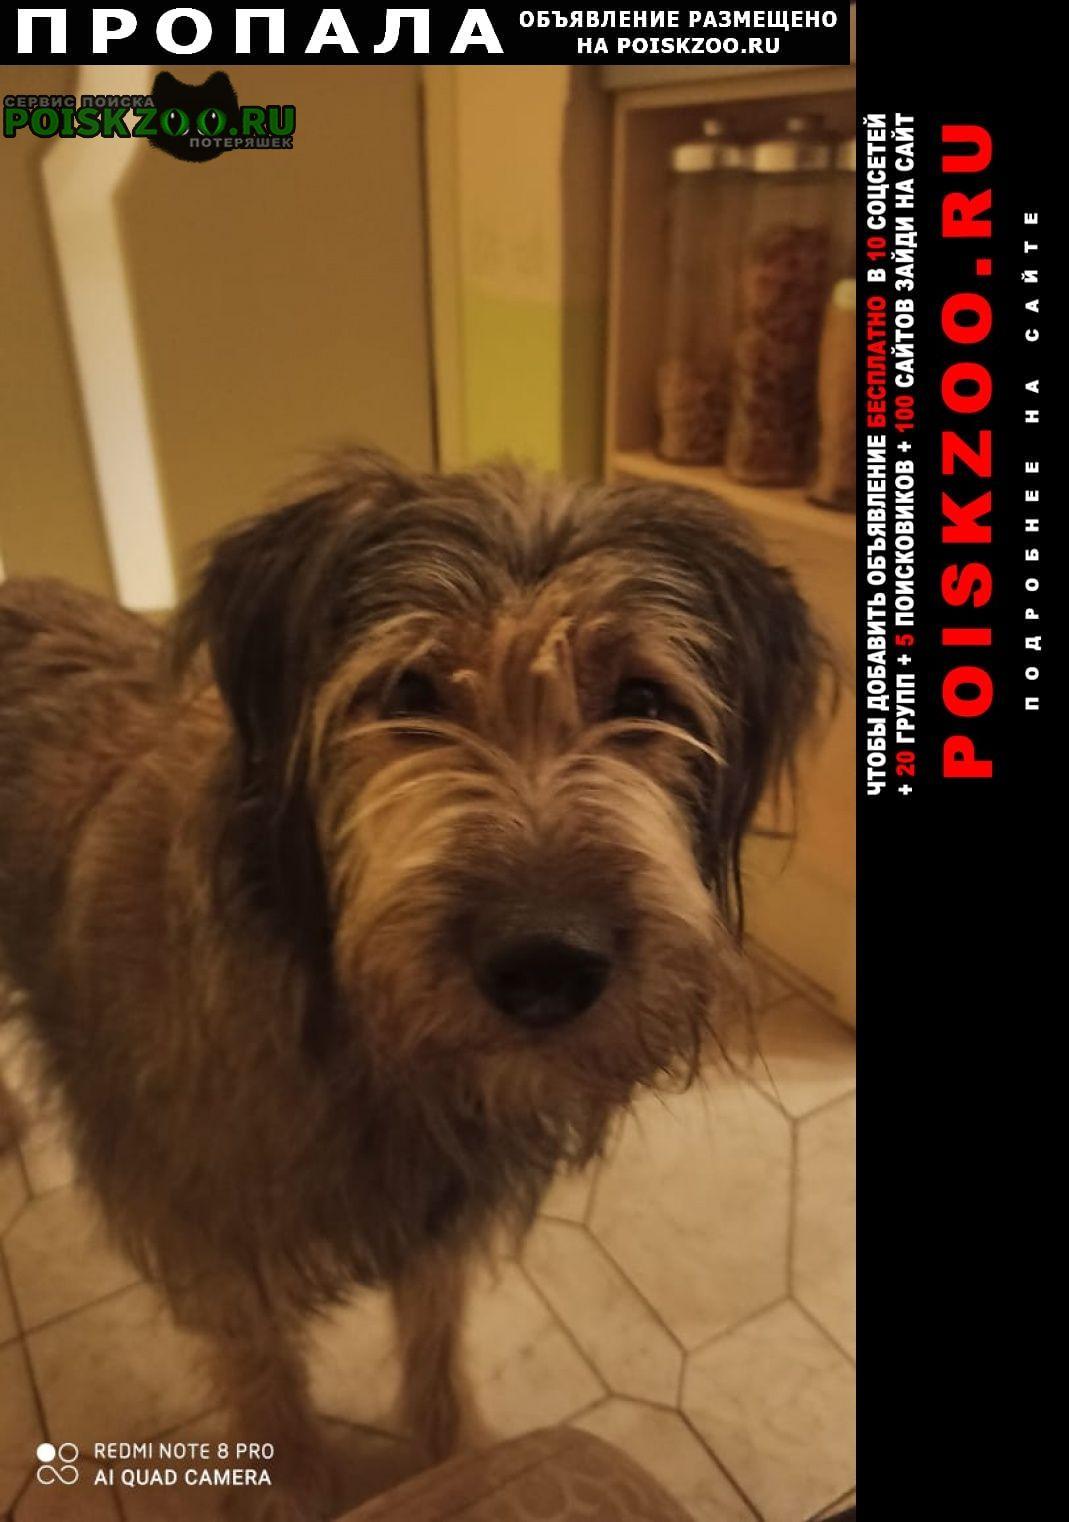 Пропала собака потерялась Москва